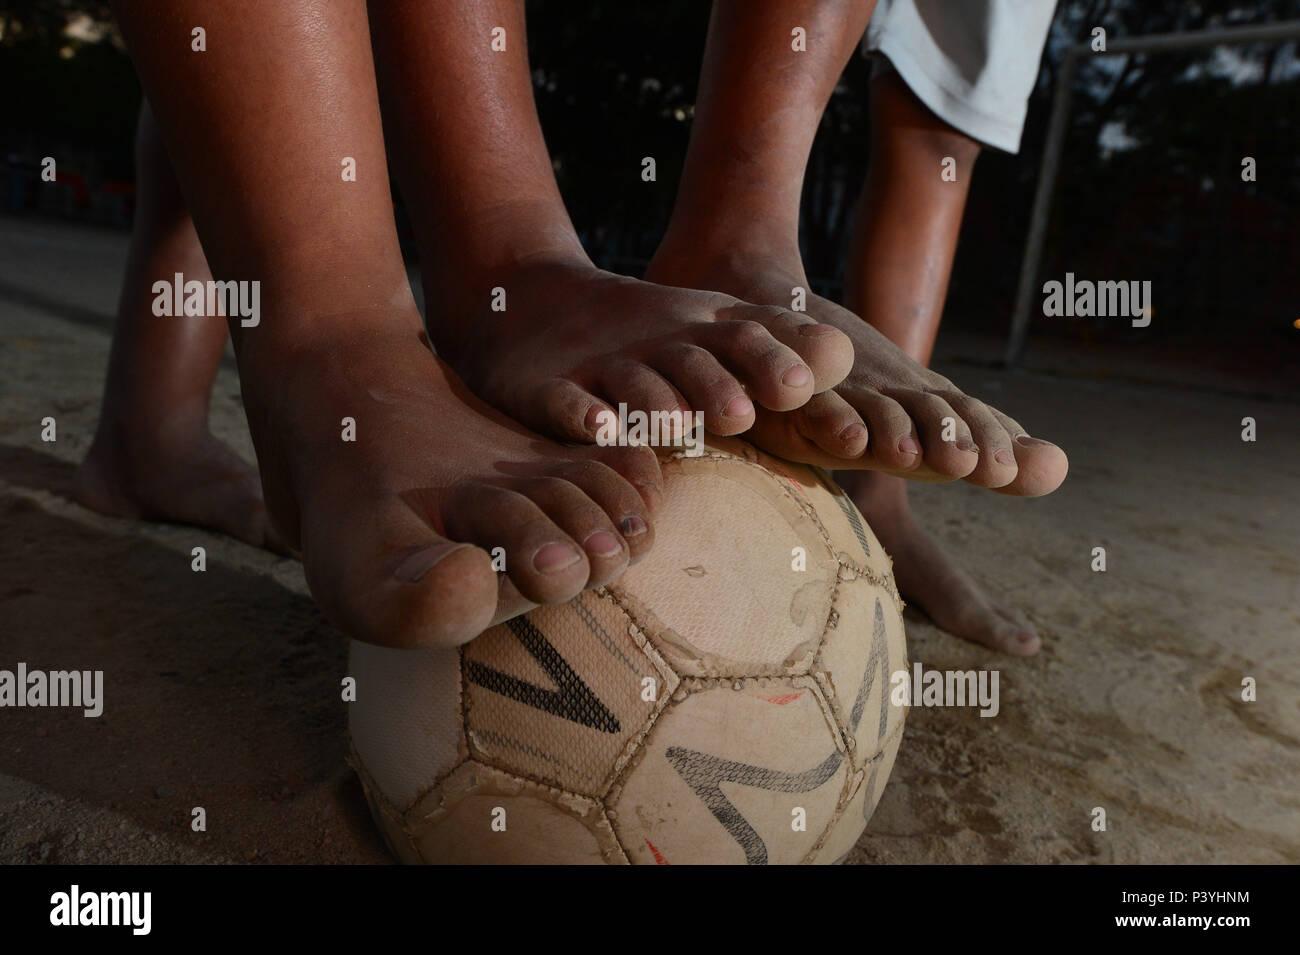 Crianças da comunidade carente de Rio das Pedras na zona oeste do rio , com os pés sujos de terra batida sobre uma bola de futebol. Stock Photo